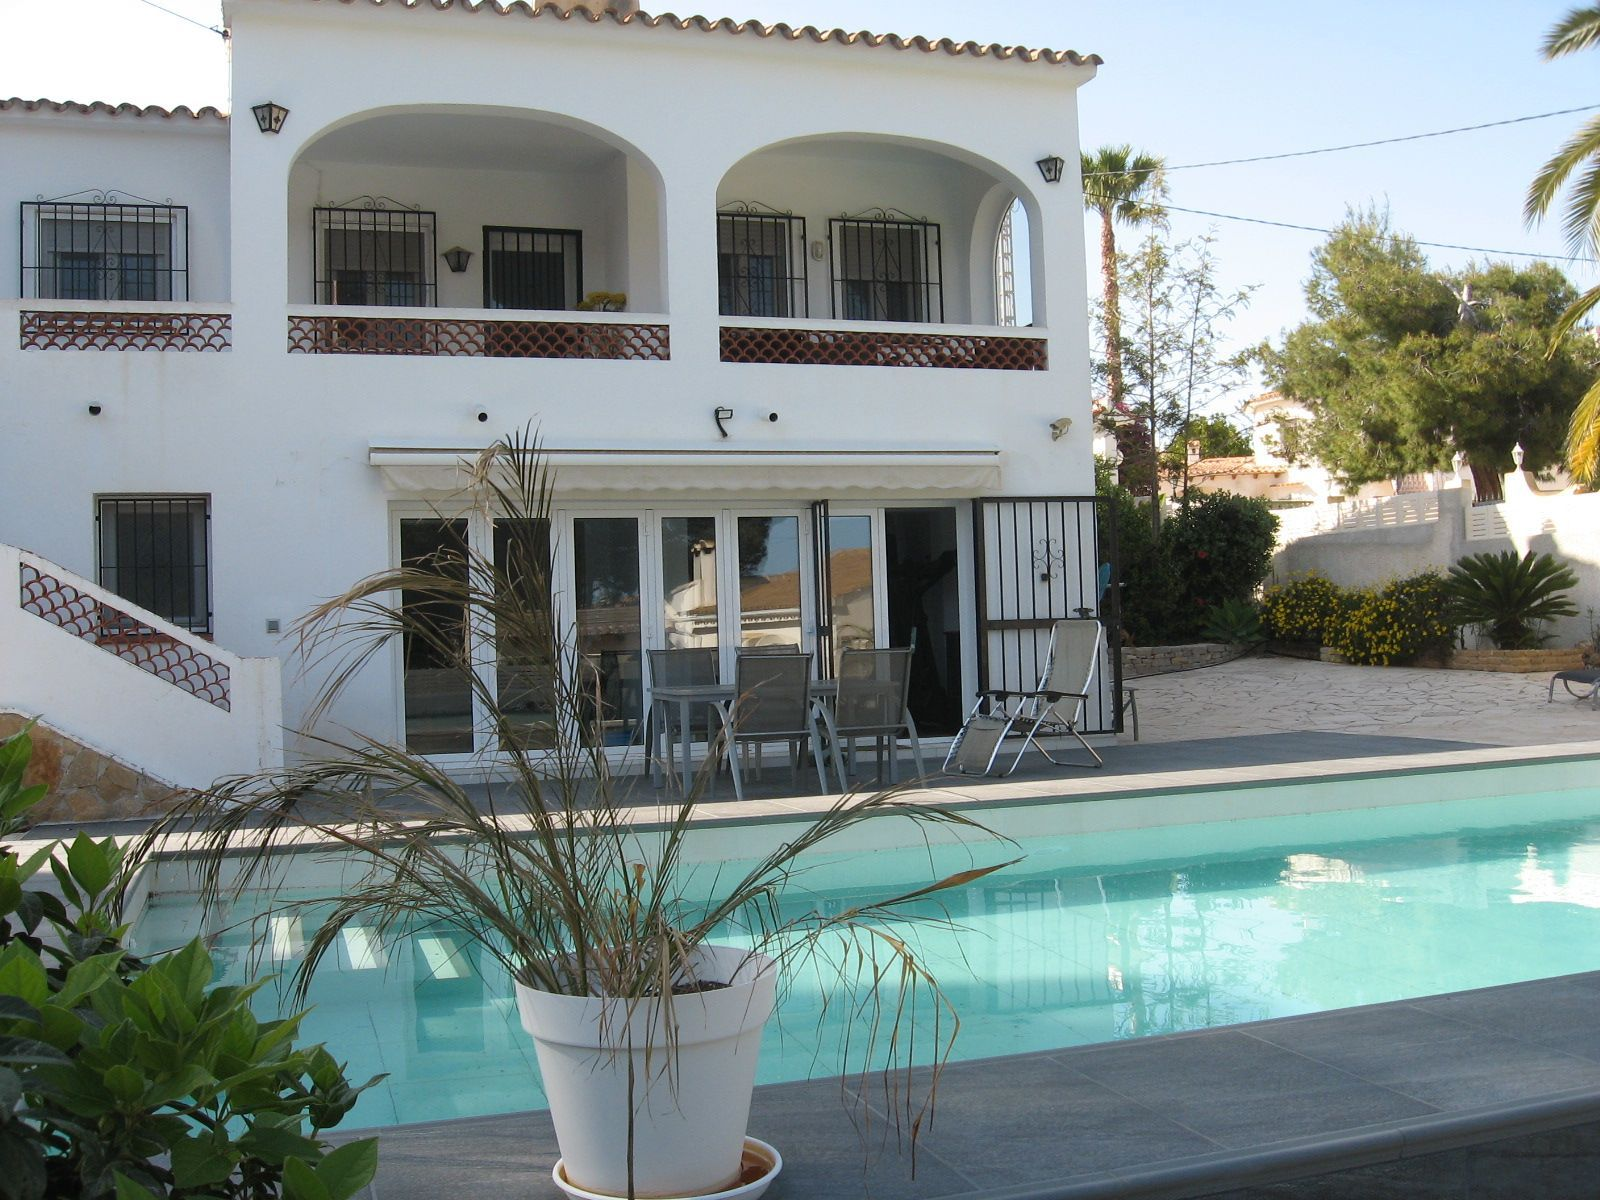 Casa / Chalet en Calpe / Calp, CARRIO ALTO, venta